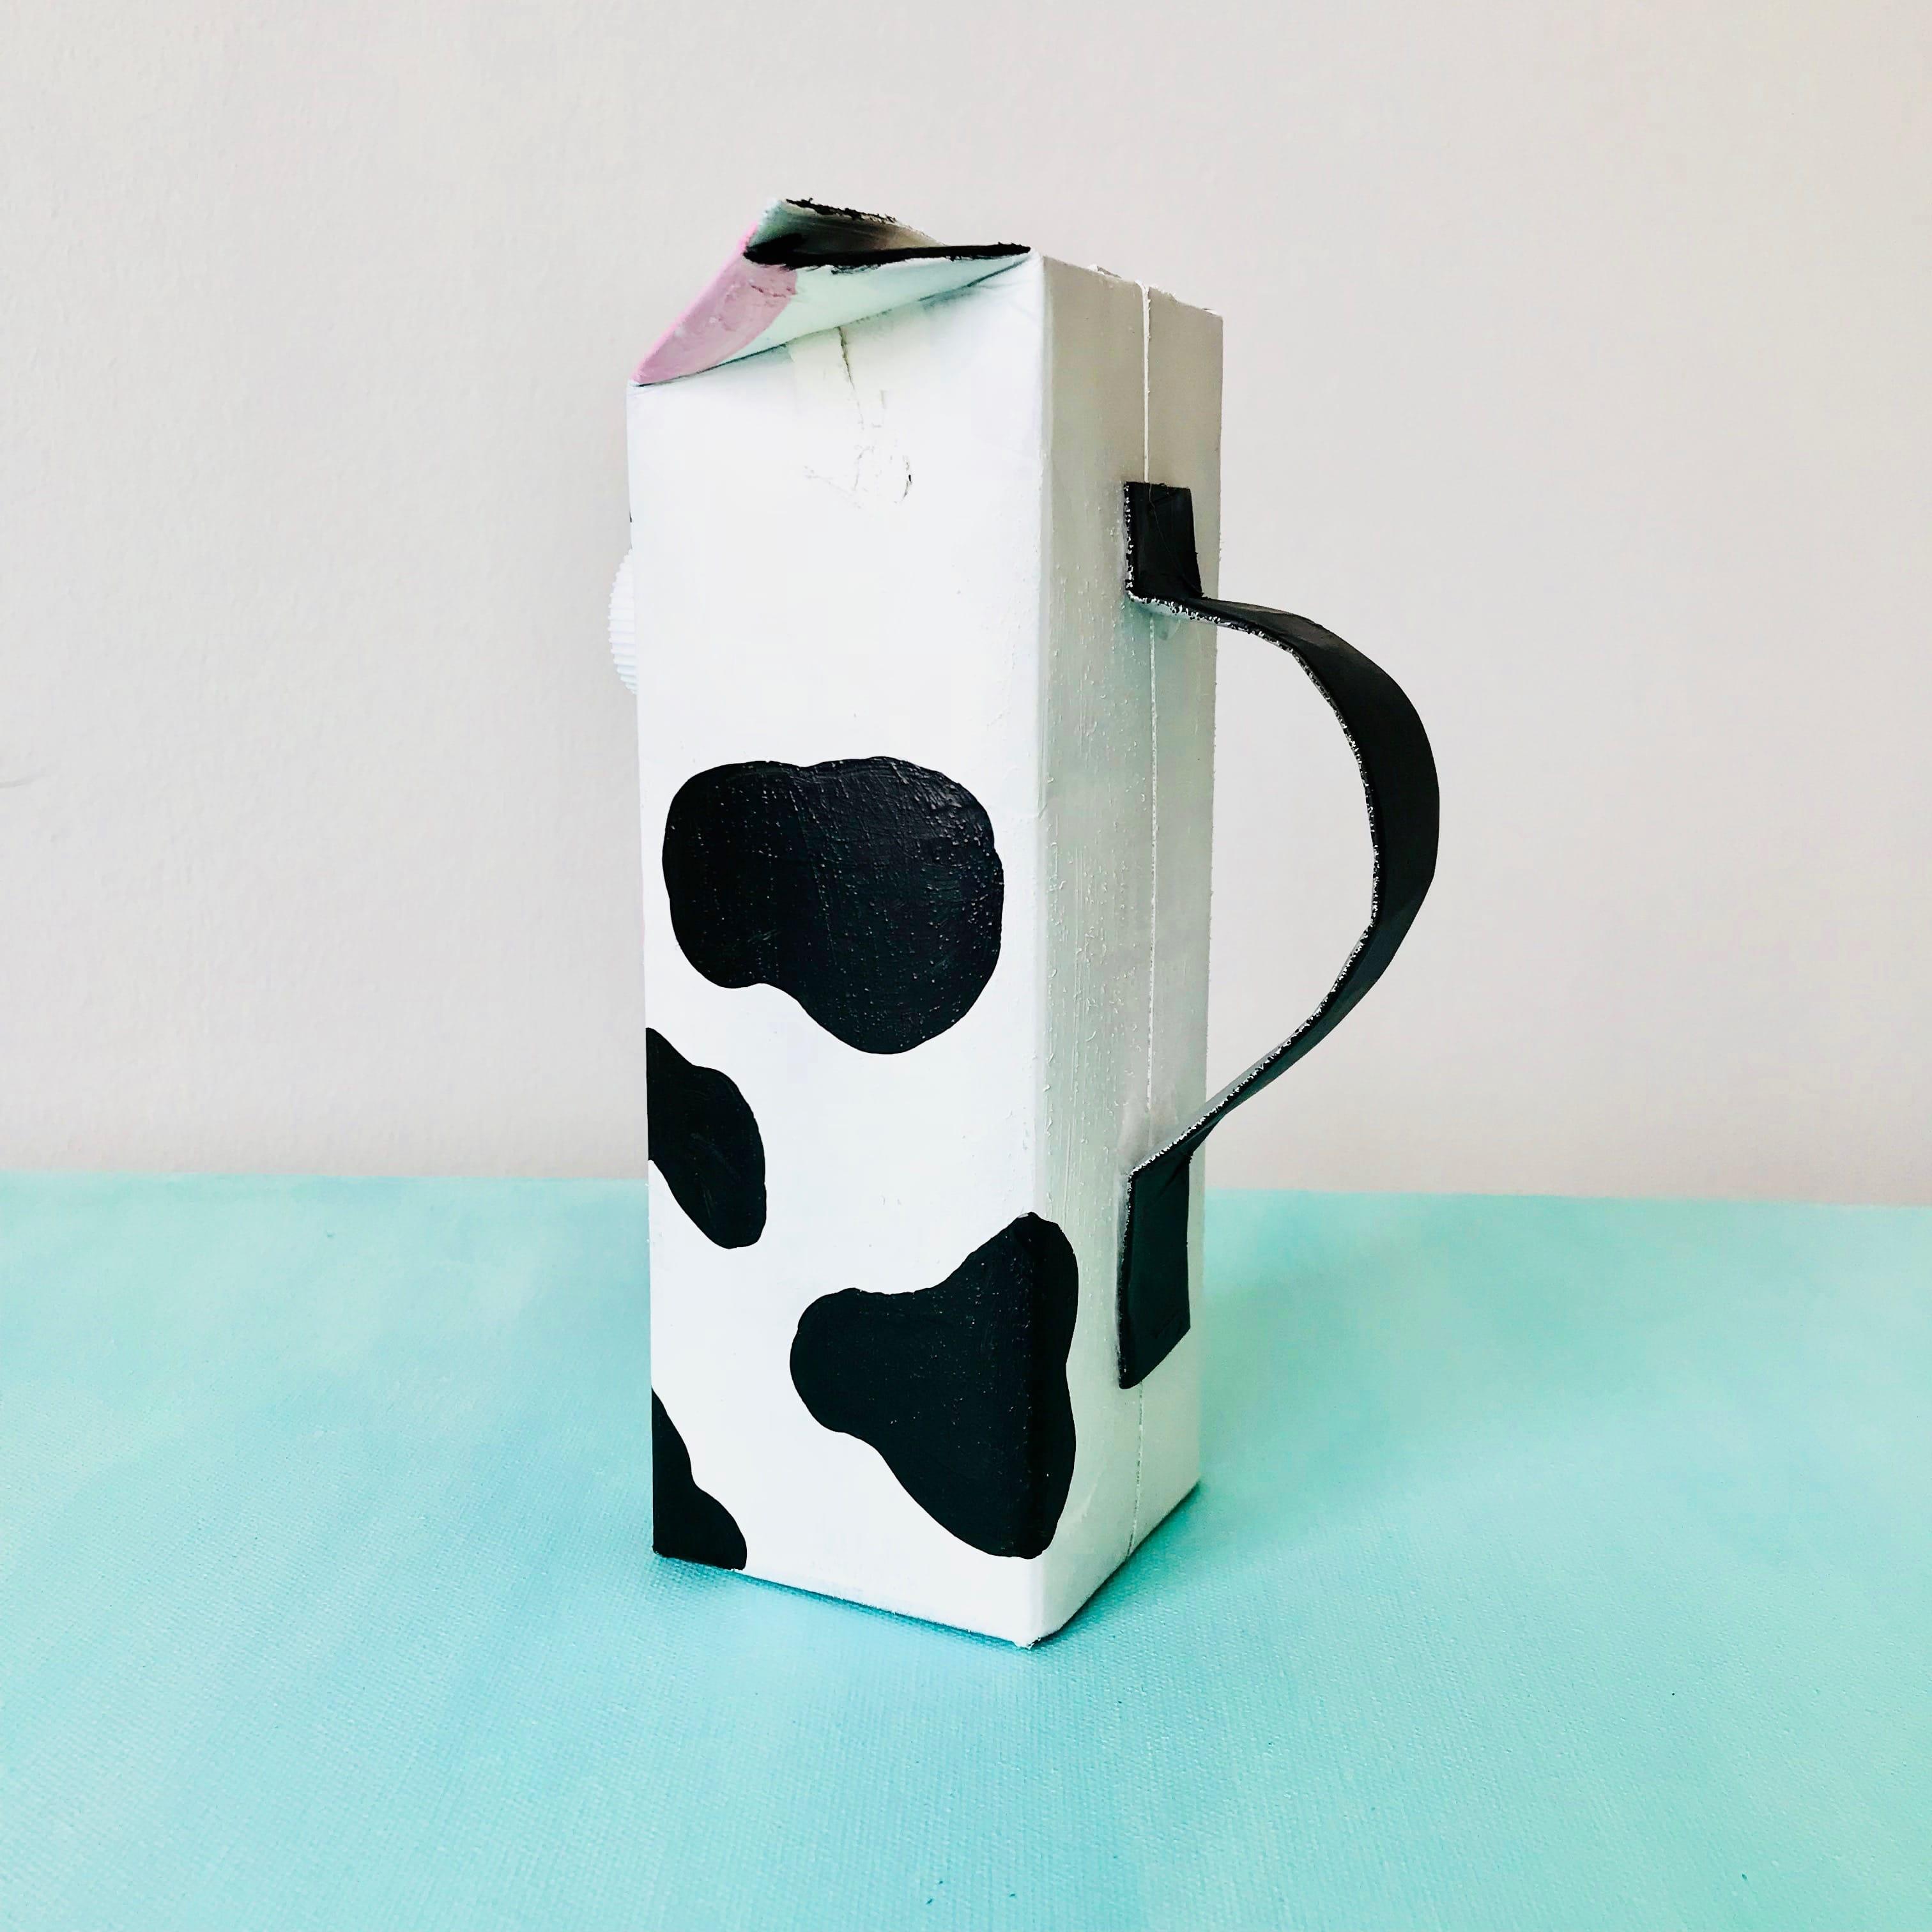 basteln-mit-tetrapacks-gießkanne-aus-milchkarton-selber-machen-upcycling